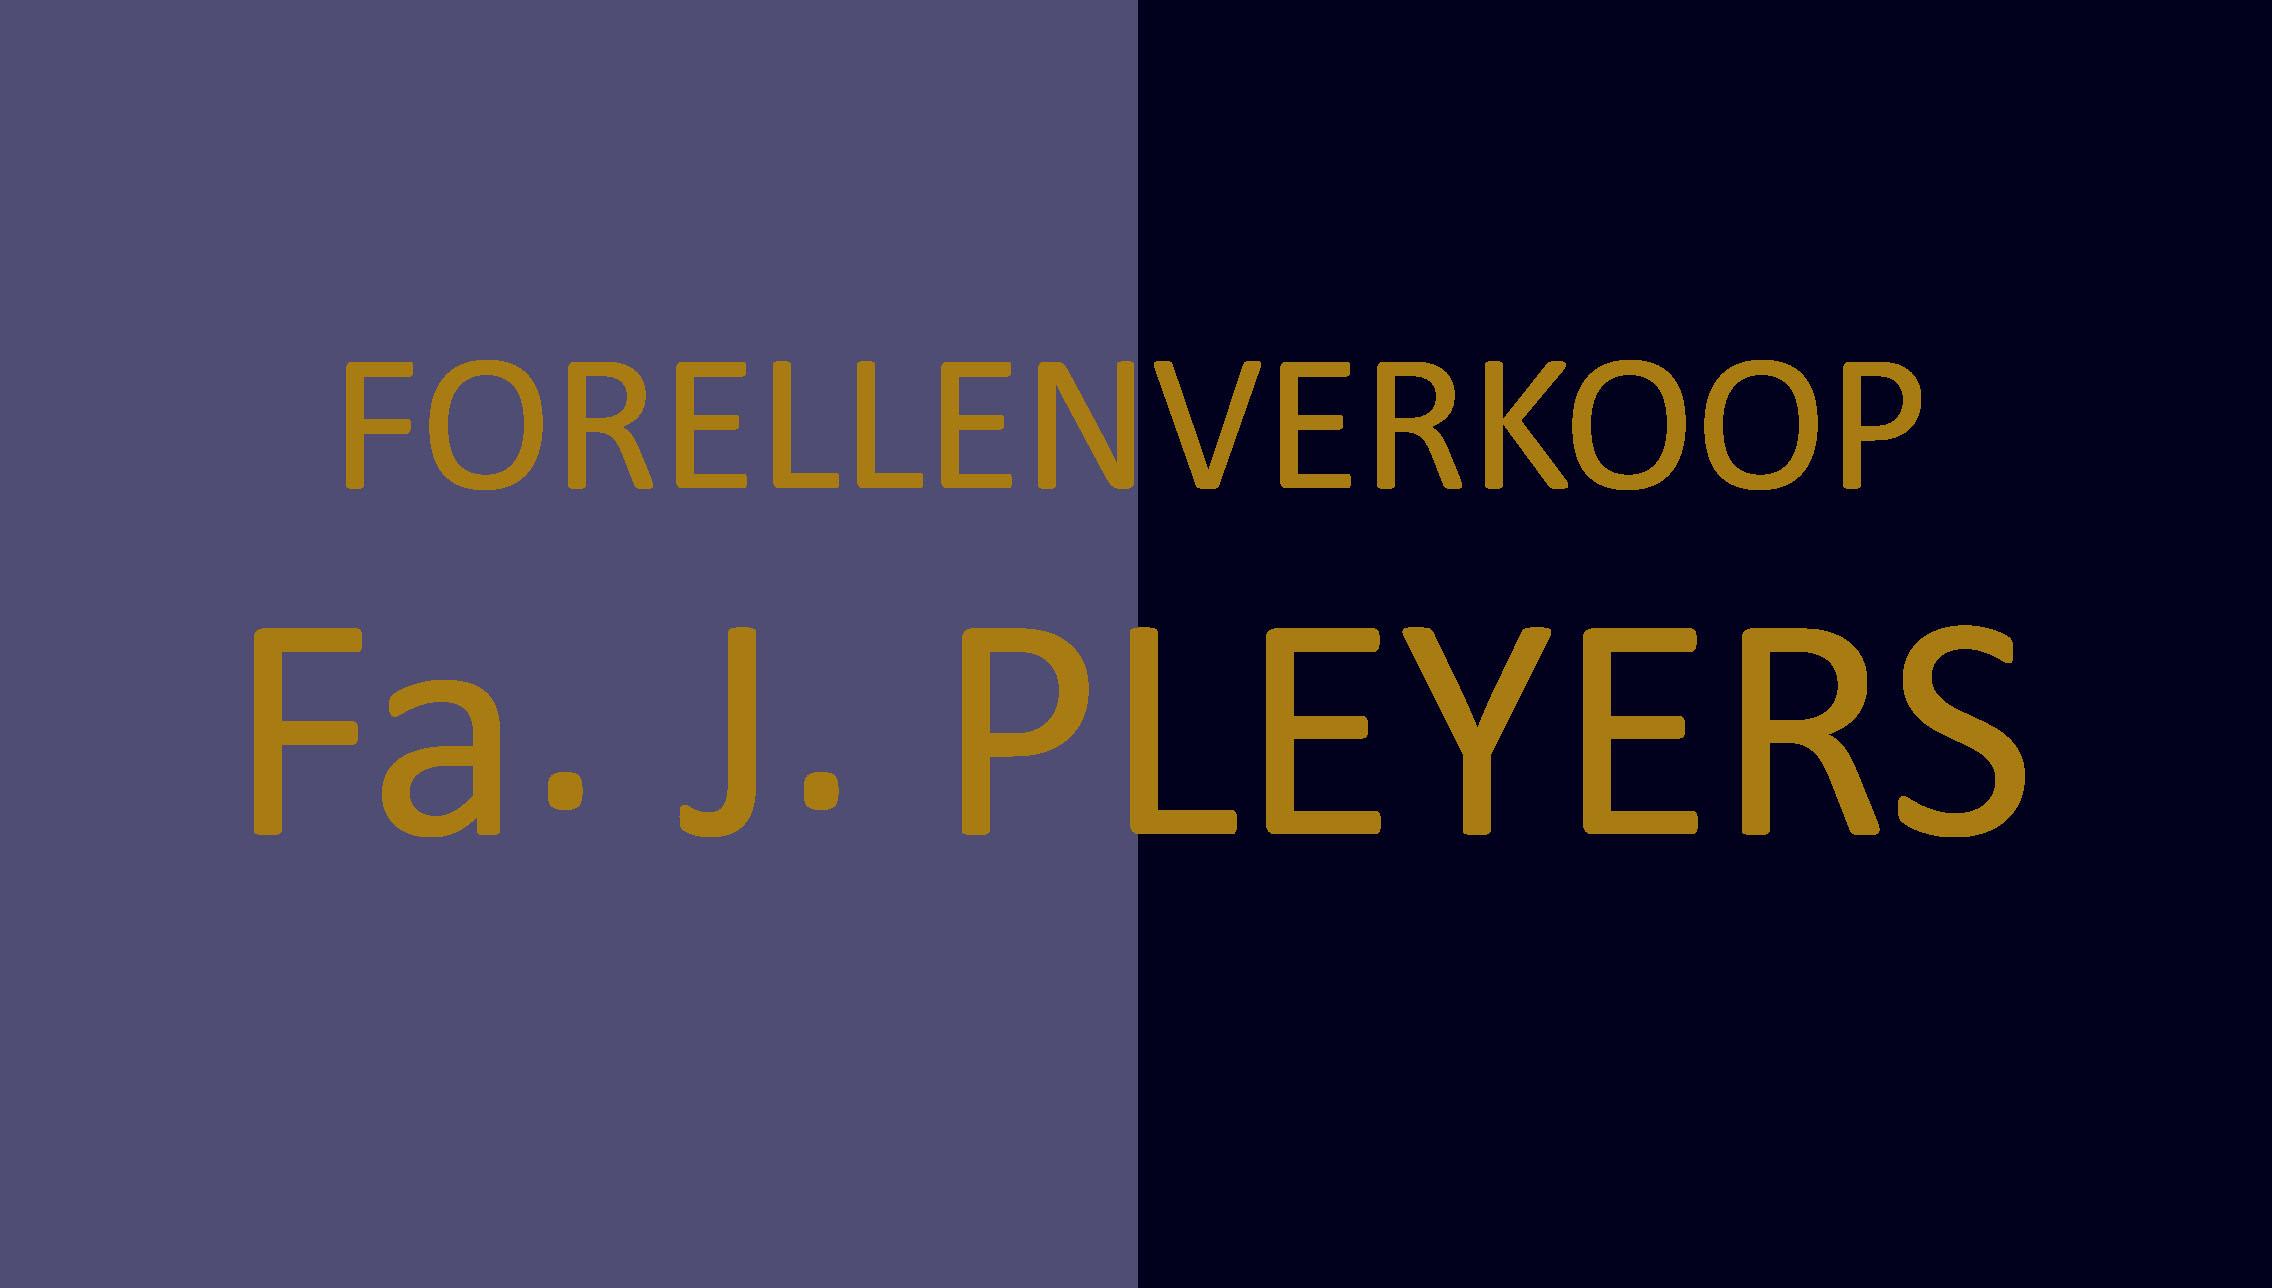 Pleyers